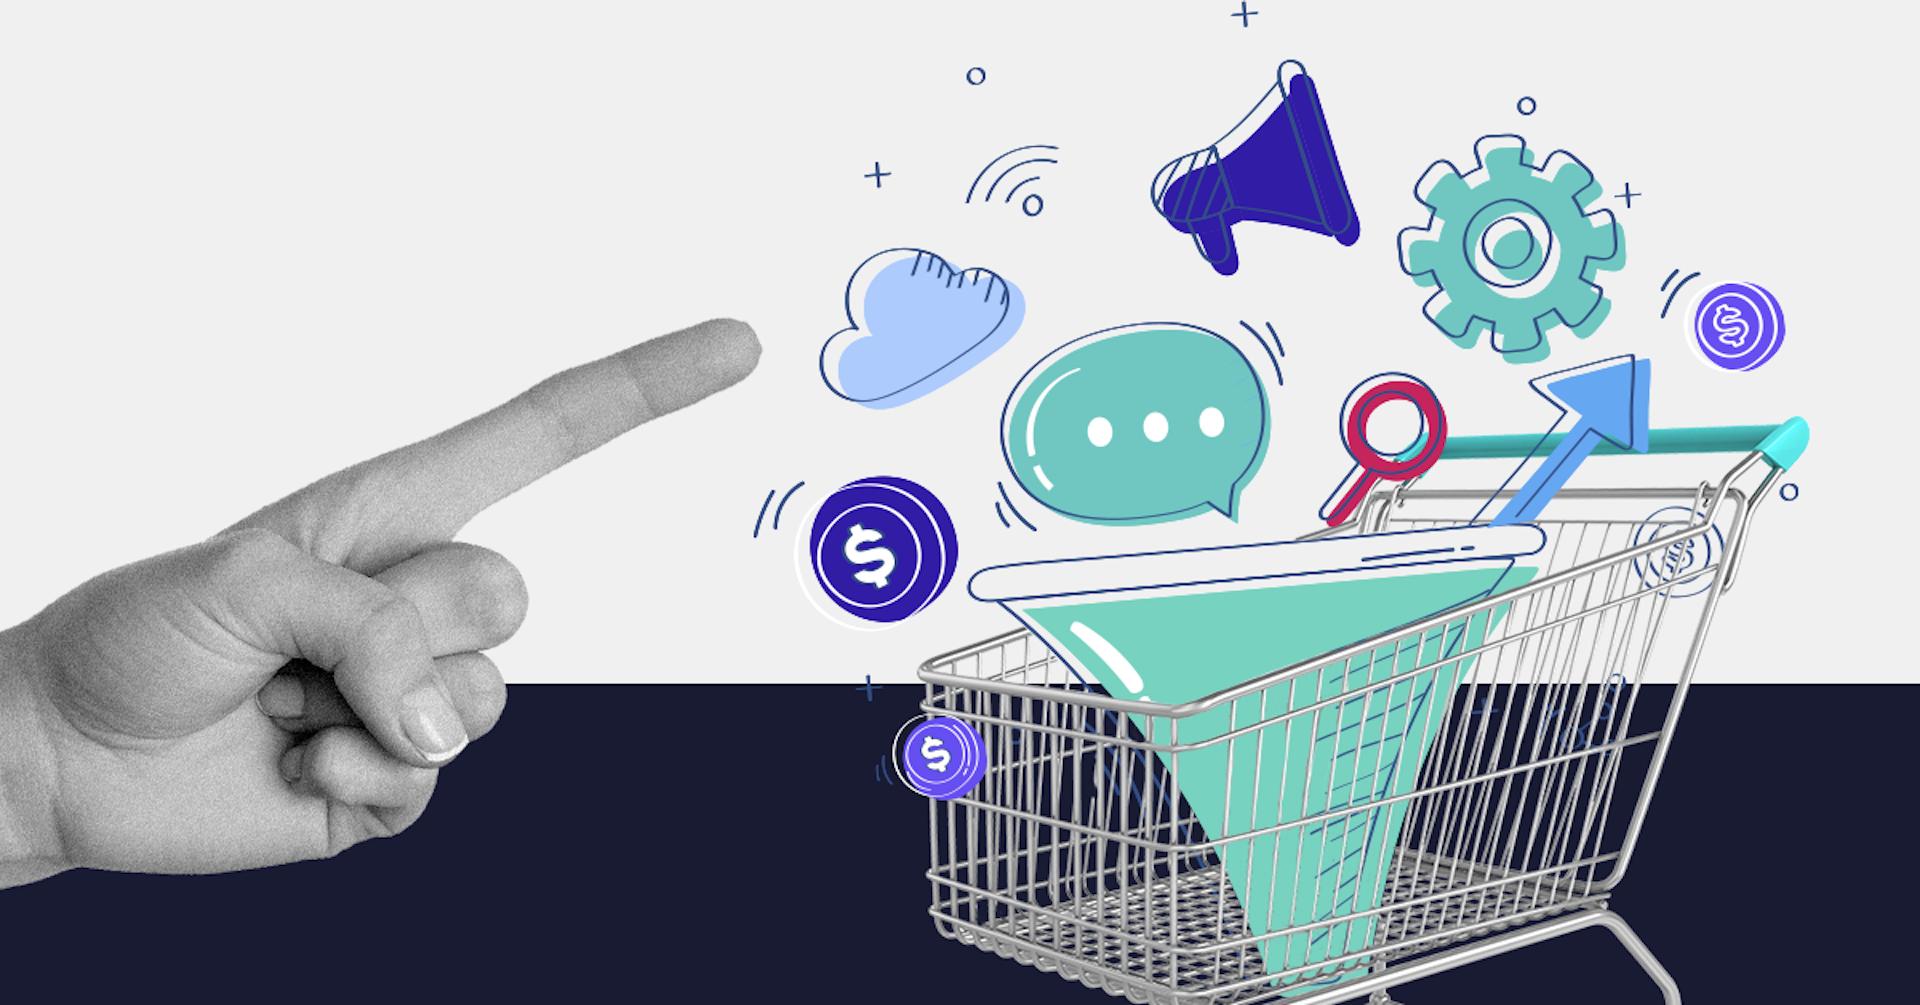 Embudo de ventas: qué es, ejemplos y cómo crear uno para tu empresa hoy